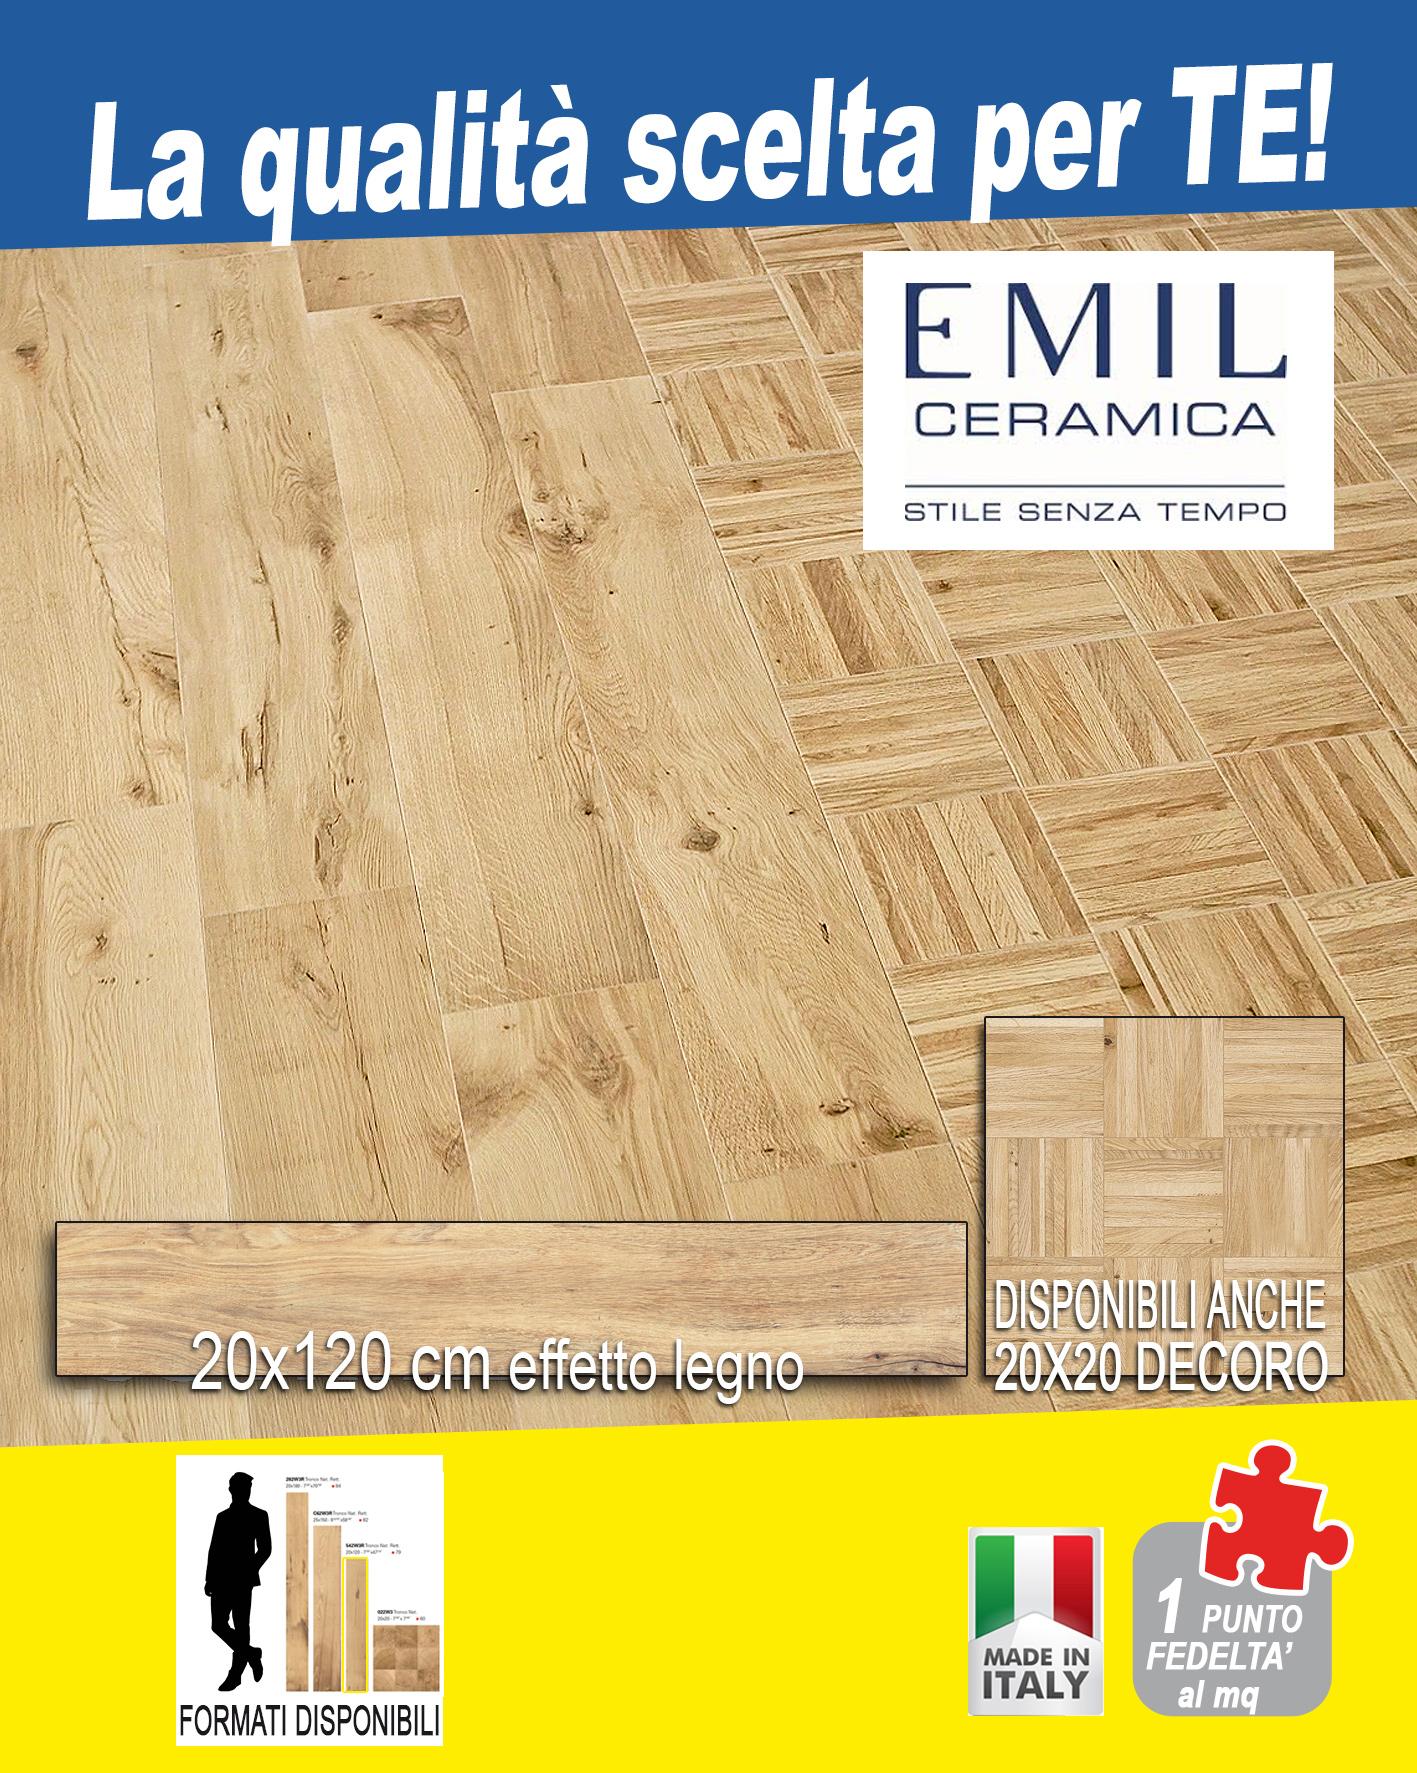 Emil-ceramica-Twenty-Industrial